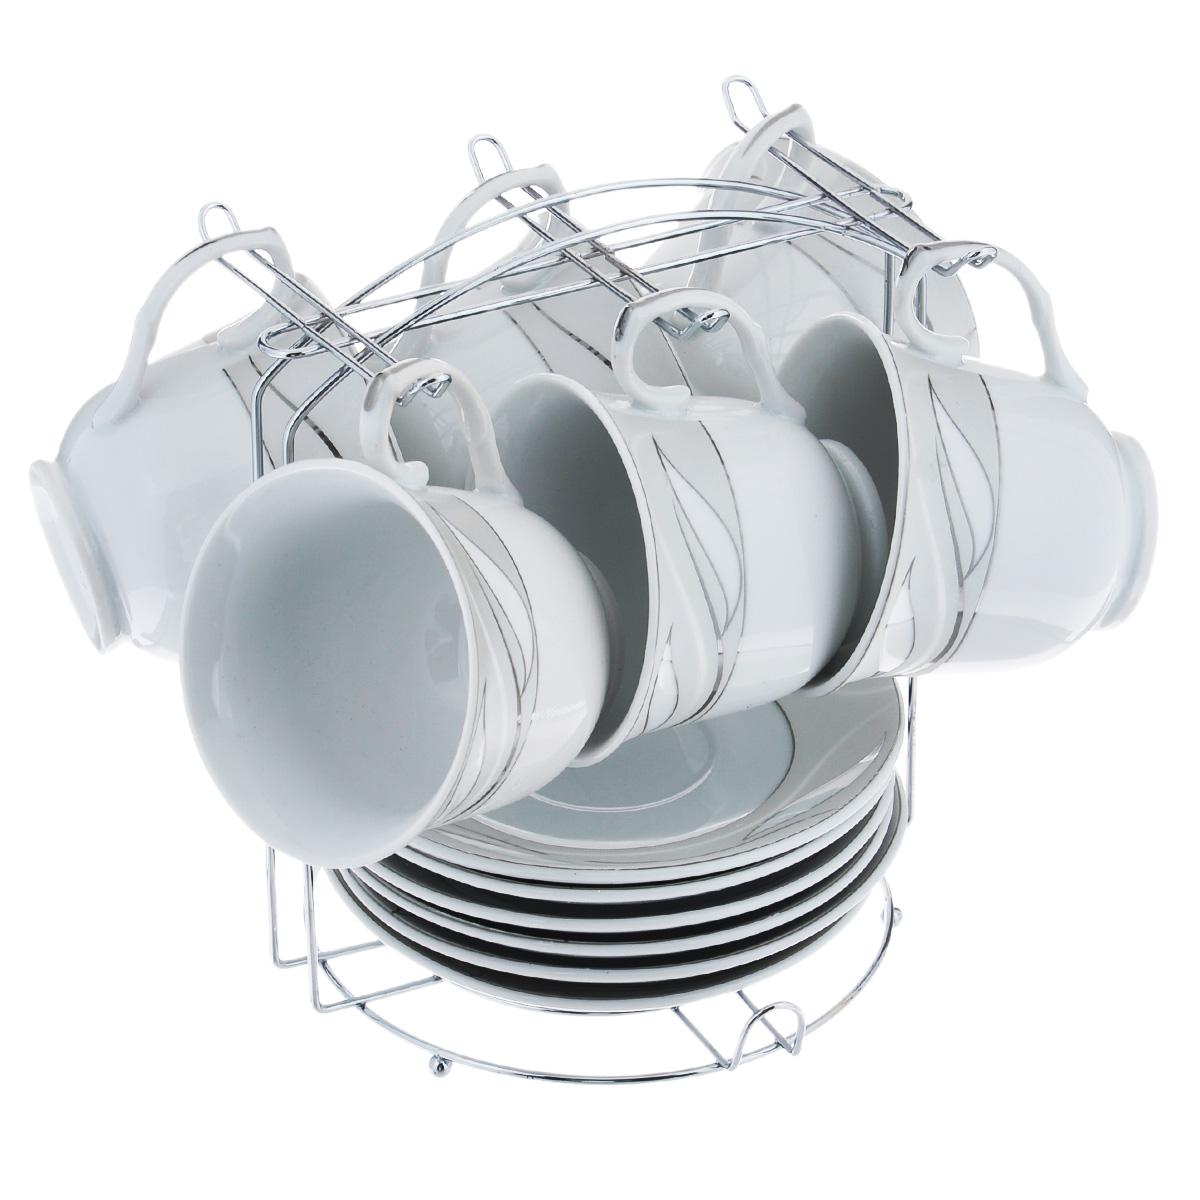 Набор чайный Bekker, 13 предметов. BK-6802BK-6802Чайный набор Bekker состоит из 6 чашек, 6 блюдец и металлической подставки. Изделия выполнены из высококачественного фарфора белого цвета, украшенного изящными цветочными узорами серебристой эмалью. Для предметов набора предусмотрена специальная металлическая подставка с крючками для чашек и подставкой для блюдец. Изящный чайный набор прекрасно оформит стол к чаепитию и станет замечательным подарком для любой хозяйки. Можно мыть в посудомоечной машине.Объем чашки: 220 мл. Диаметр чашки (по верхнему краю): 9 см. Высота чашки: 7,5 см. Диаметр блюдца: 14 см.